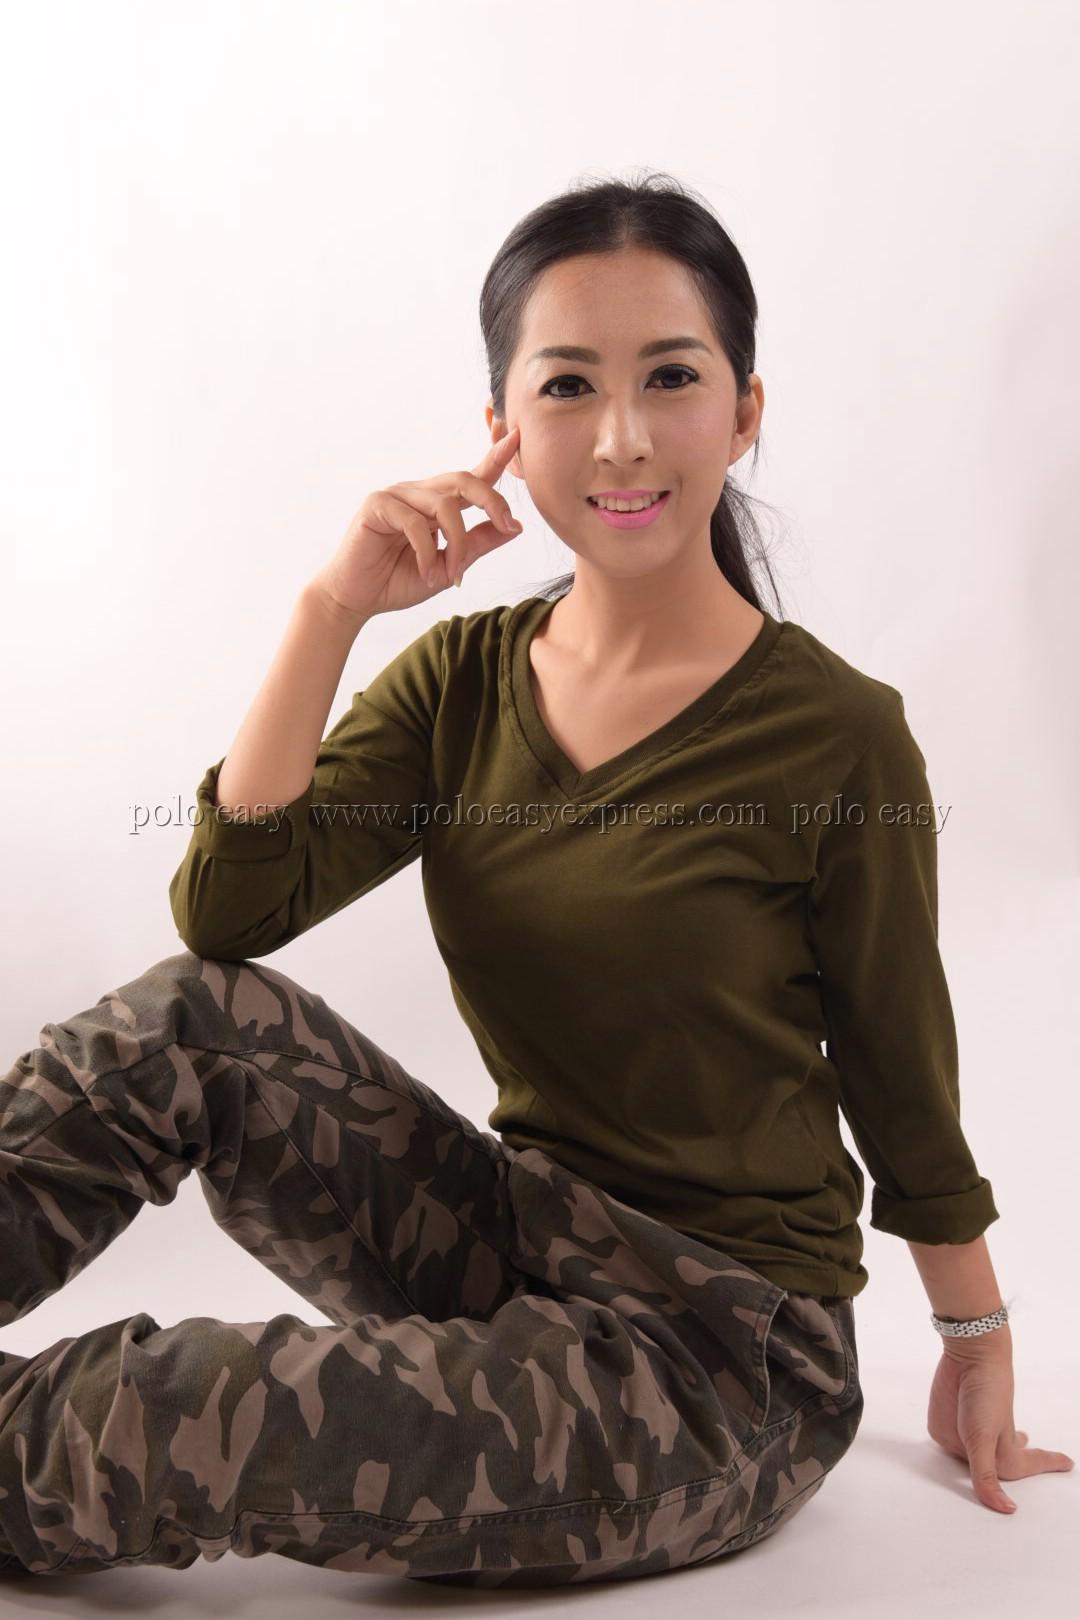 เสื้อยืด สีเขียวขี้ม้า คอวี แขนยาว Size 4XL สำเนา